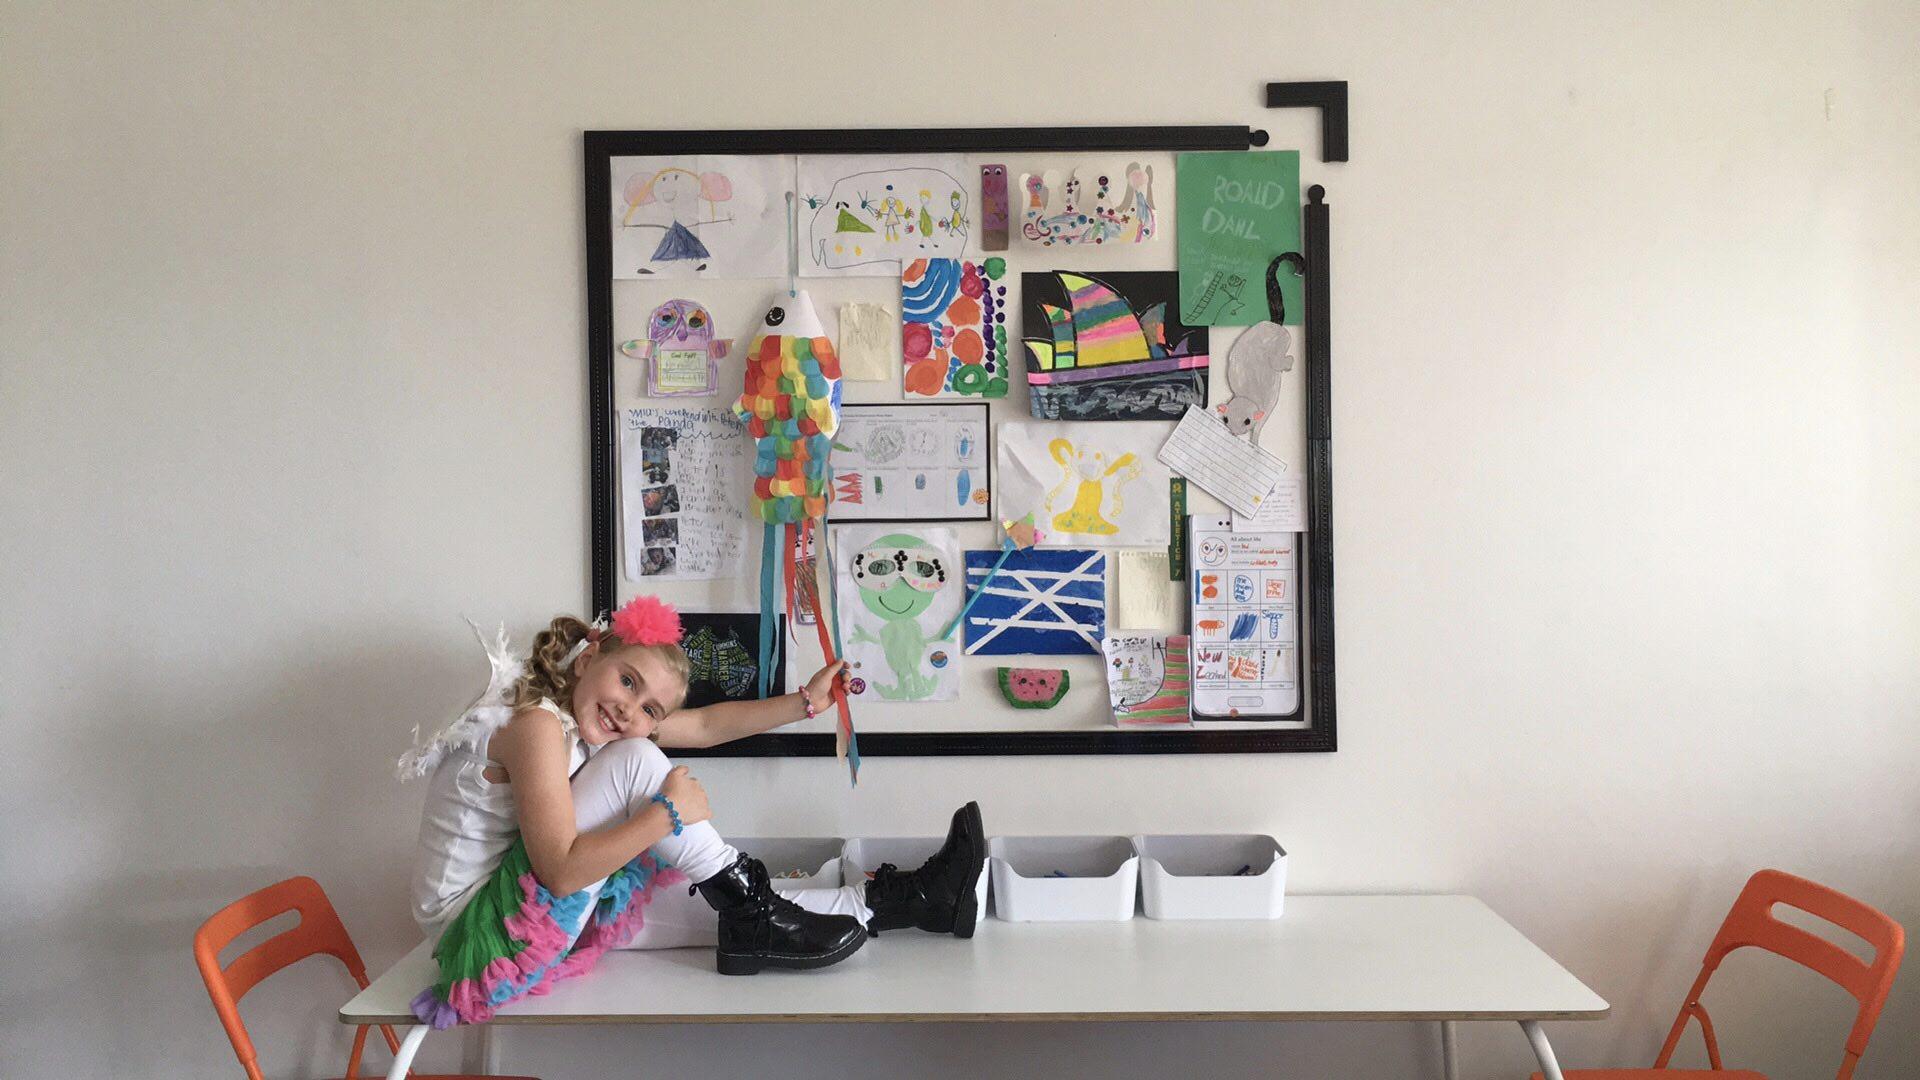 Maik Kids Artwork Modular Wall Frame System » Gadget Flow